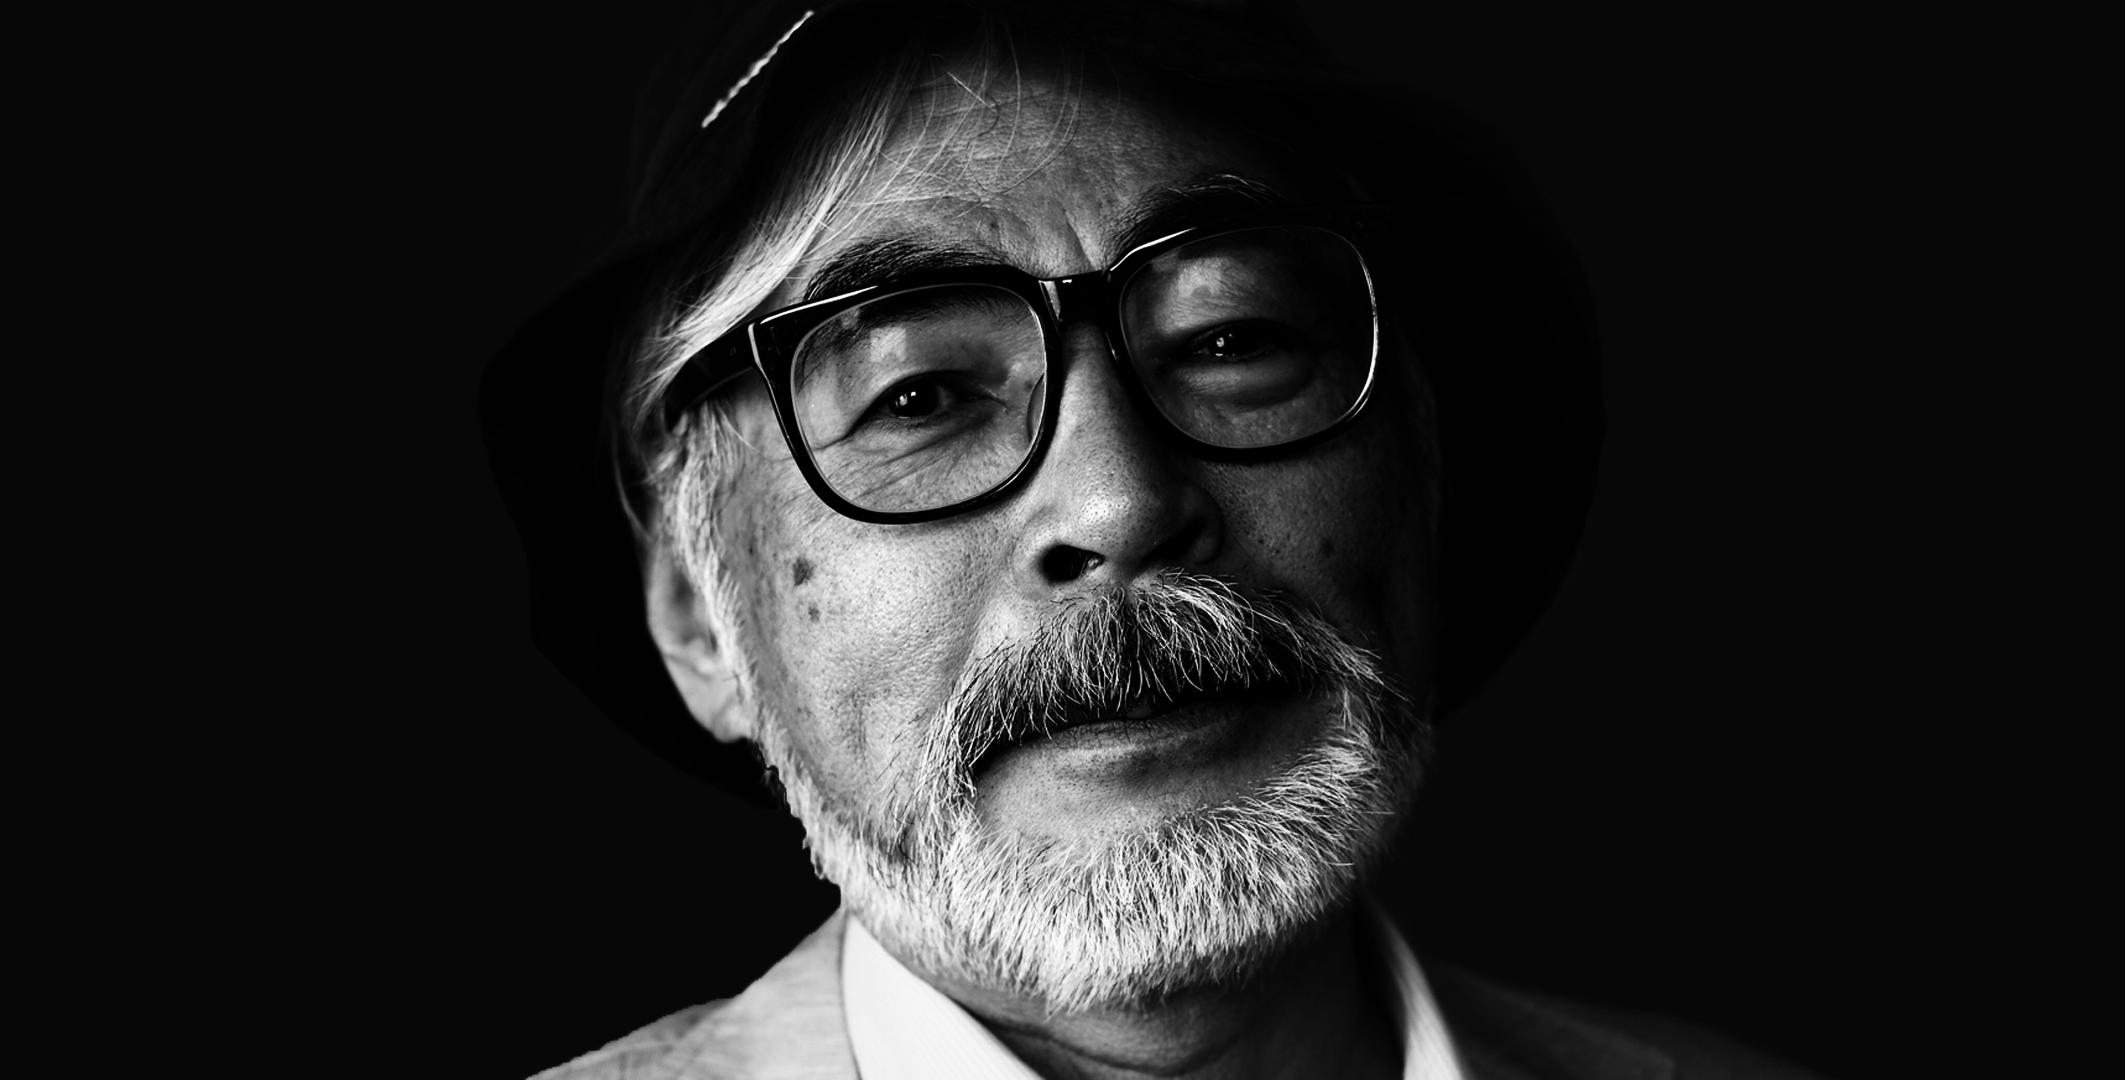 Hayao Miyazaki'nin Yeni Filmi Fantasik Macera Türünde Olacak